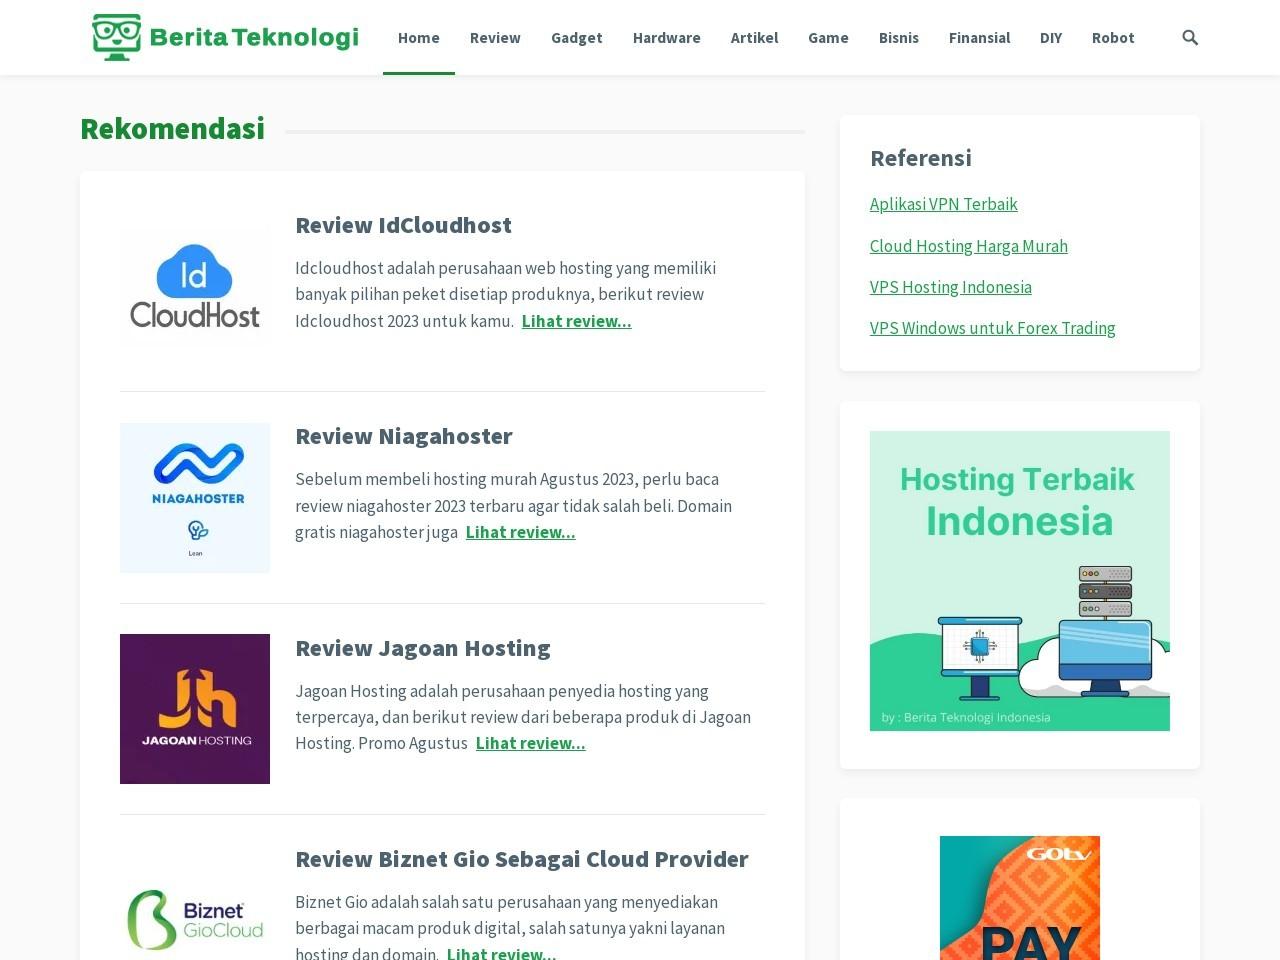 Jasa Pembuatan Website Murah: Solusi Website Bisnis Tanpa Mahal!